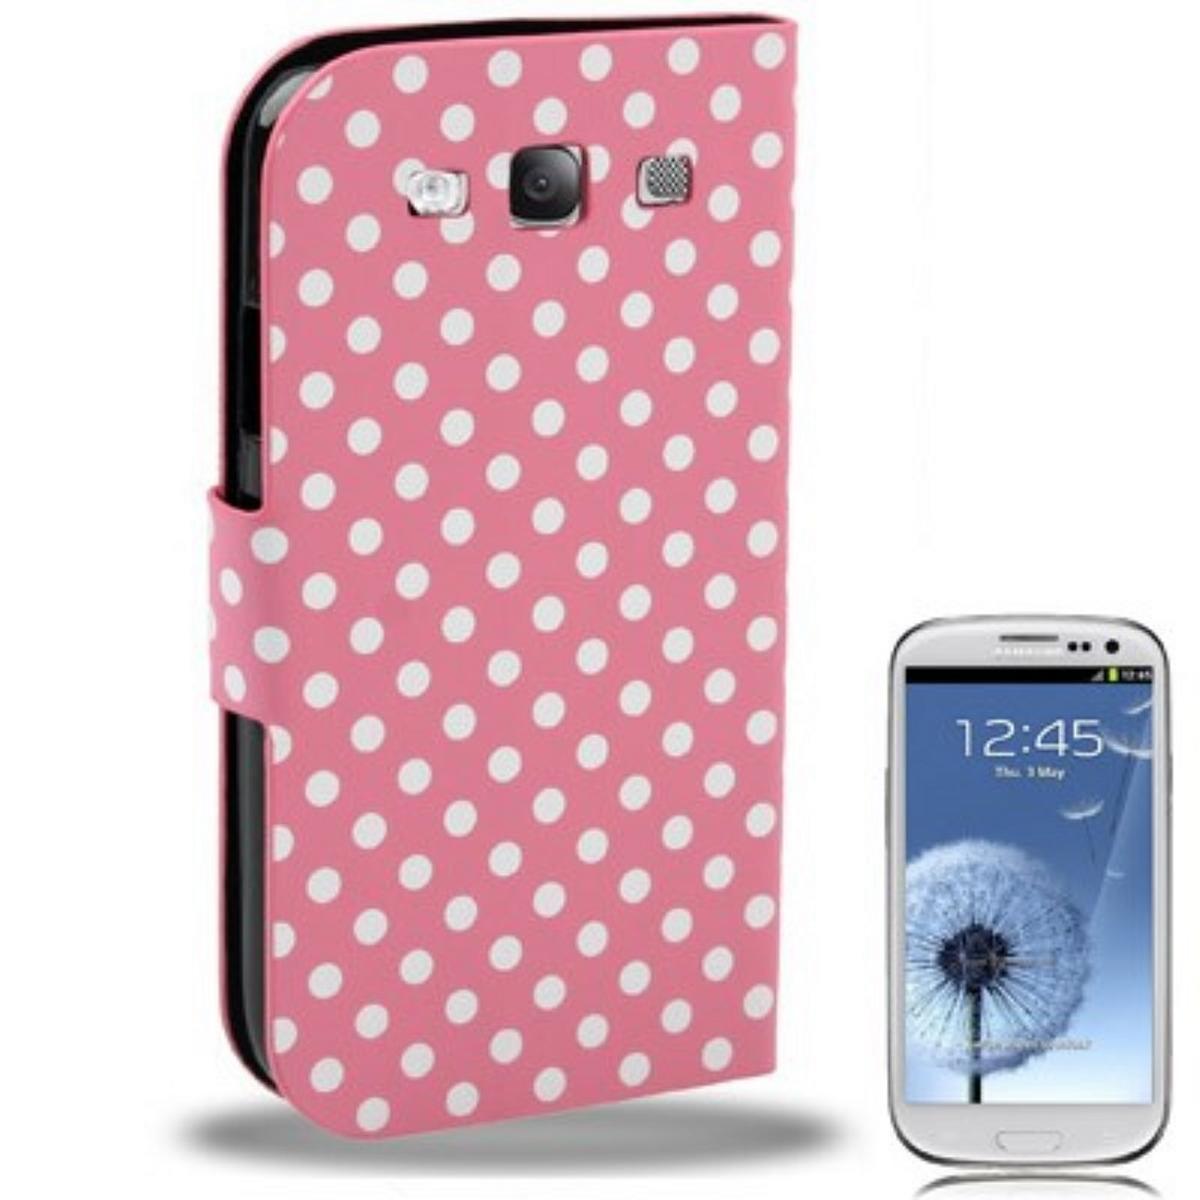 Schutzhülle Tasche Flip slim für Handy Samsung Galaxy S3 i9300 / i9305 / S3 NEO i9301 Rosa